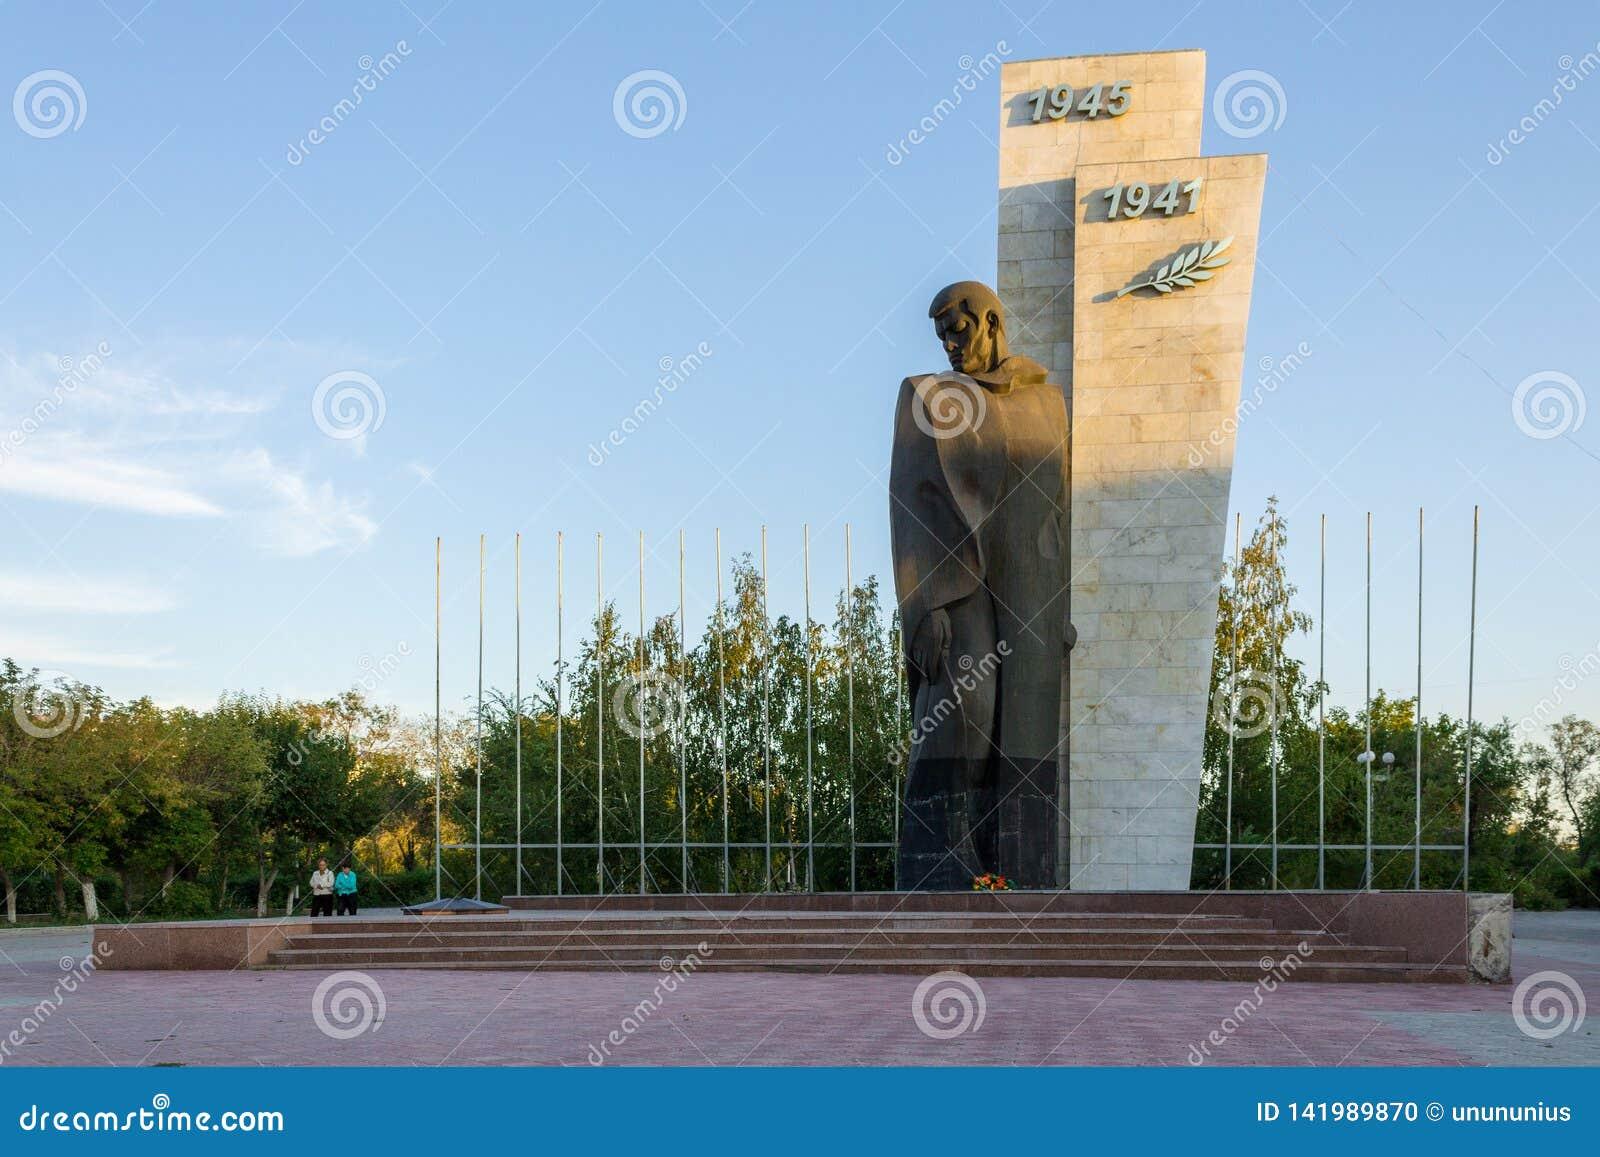 Kazajistán de visita turístico de excursión Opinión del panorama sobre el monumento solo de la Guerra Mundial del soldado descono